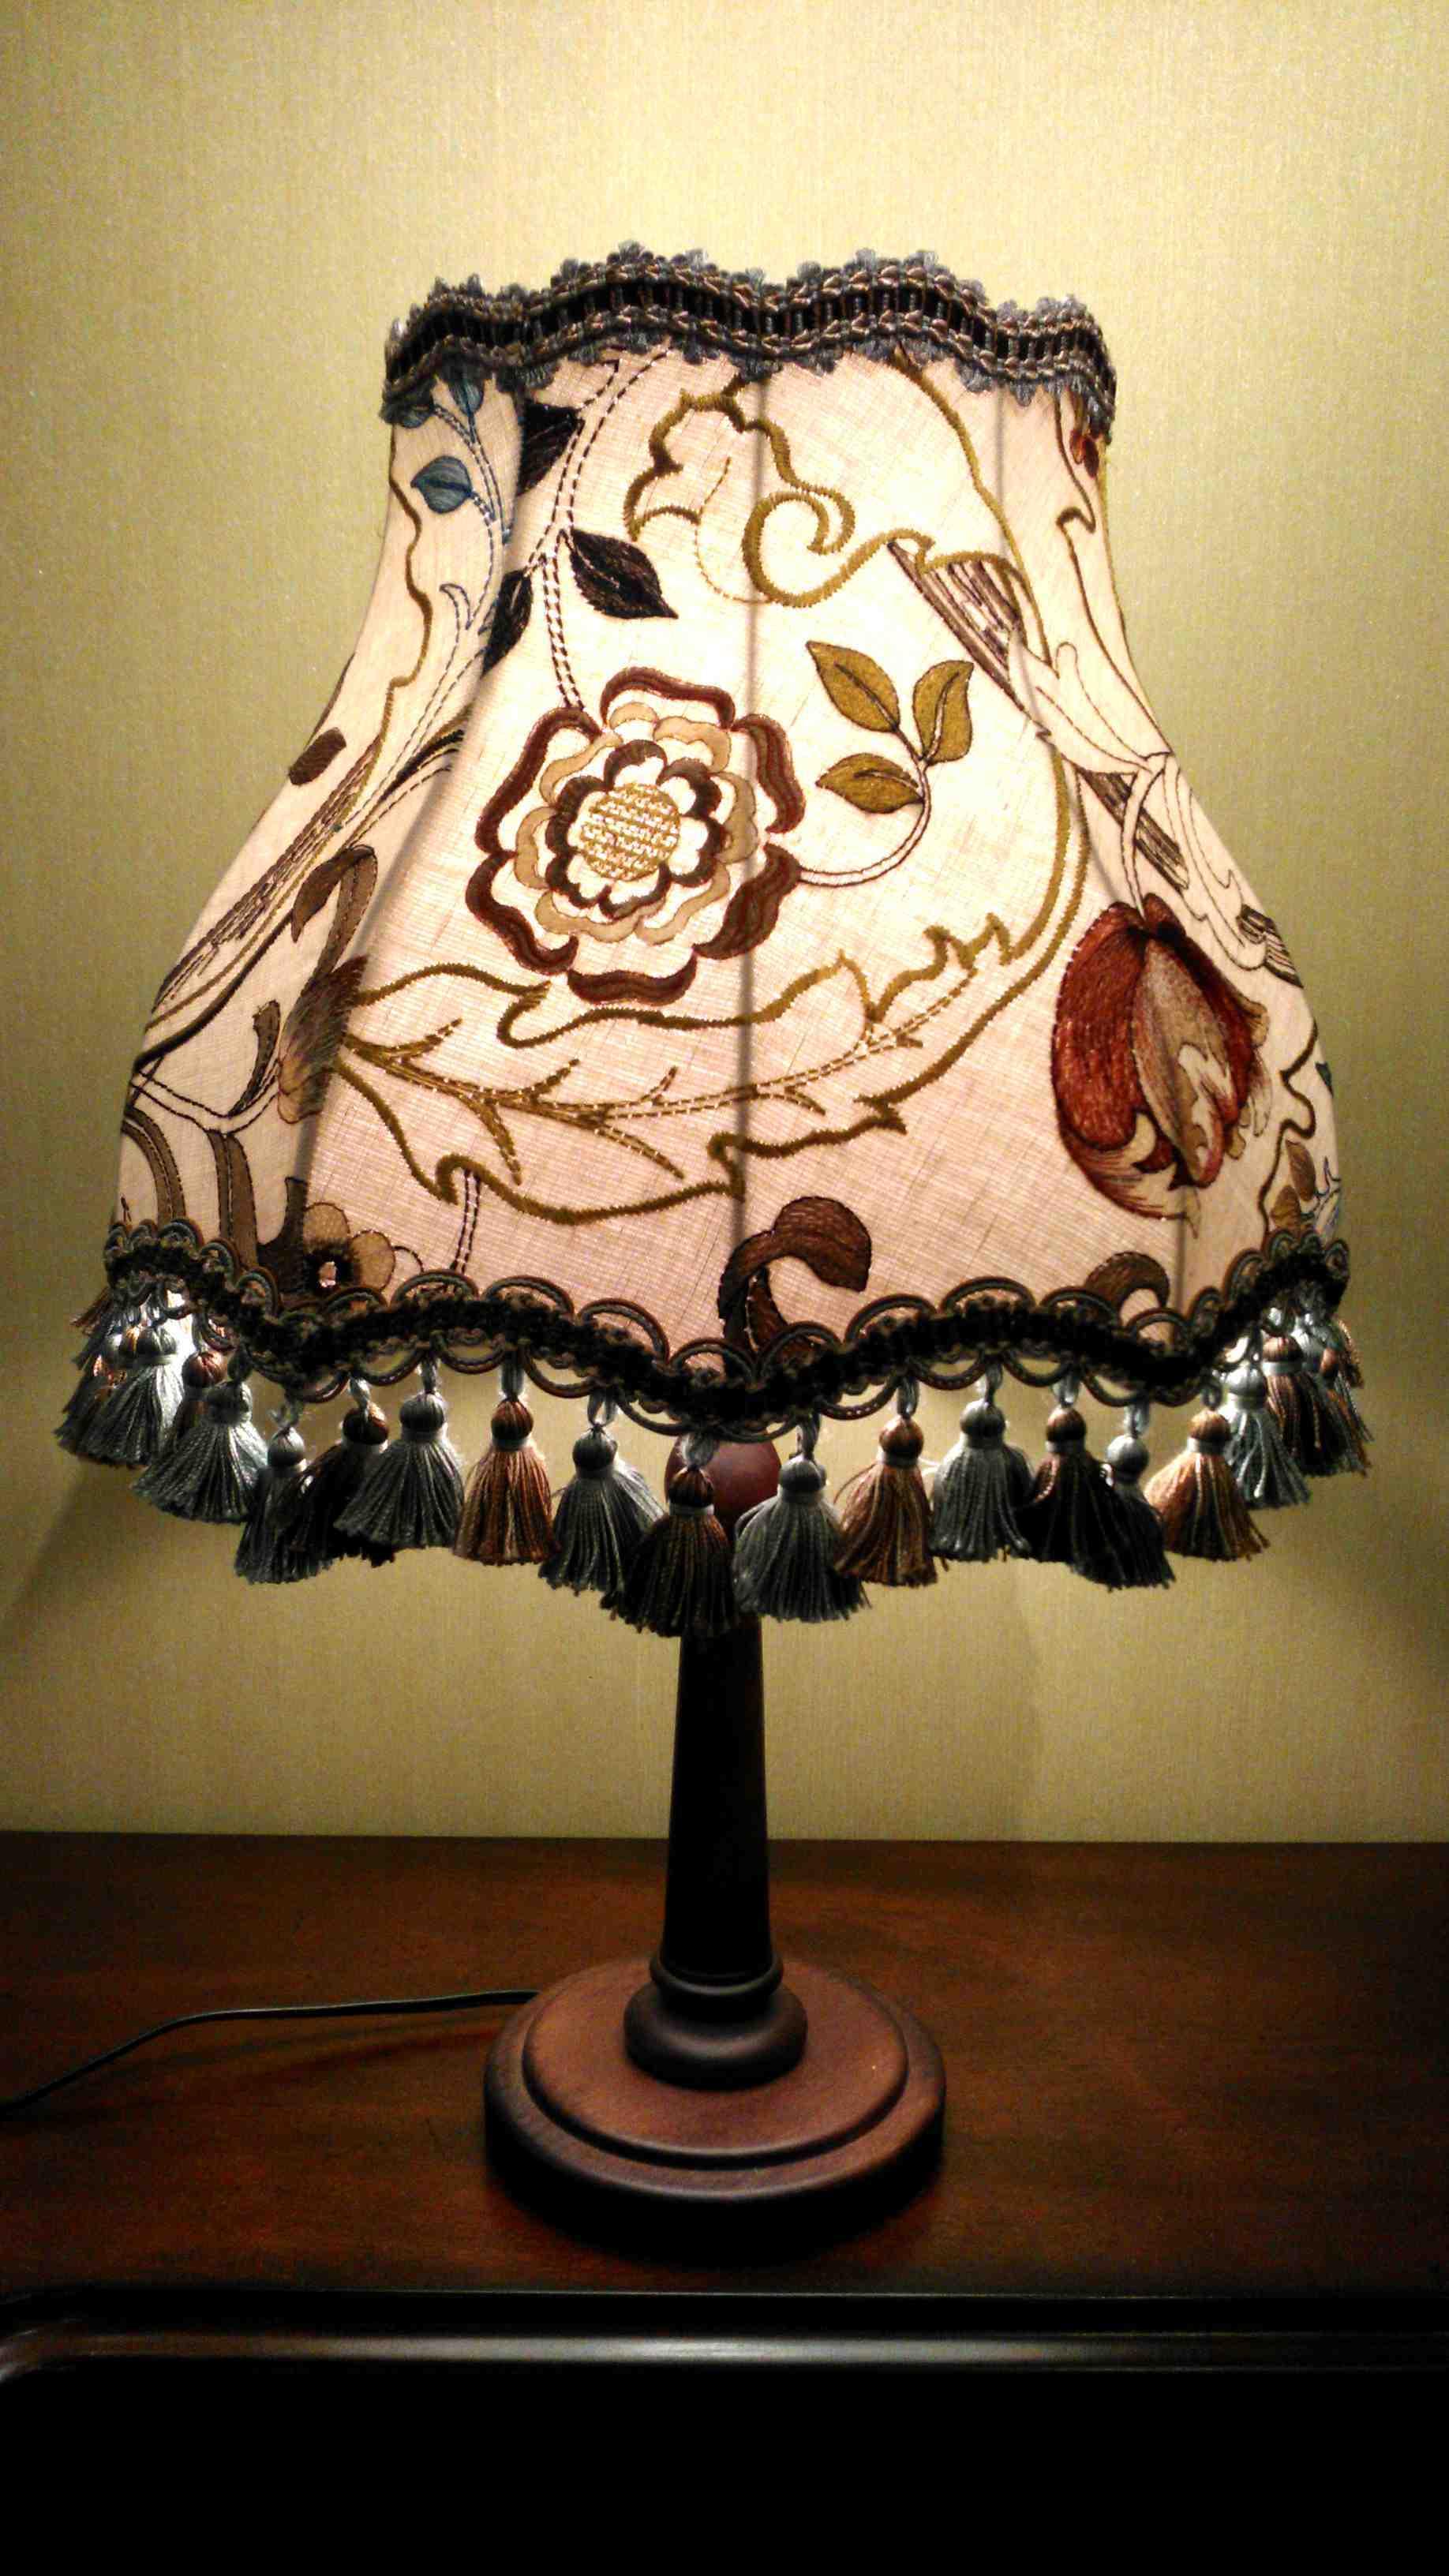 モリスのテーブルランプ『マリーイザベル』麻バージョン_c0157866_19545910.jpg